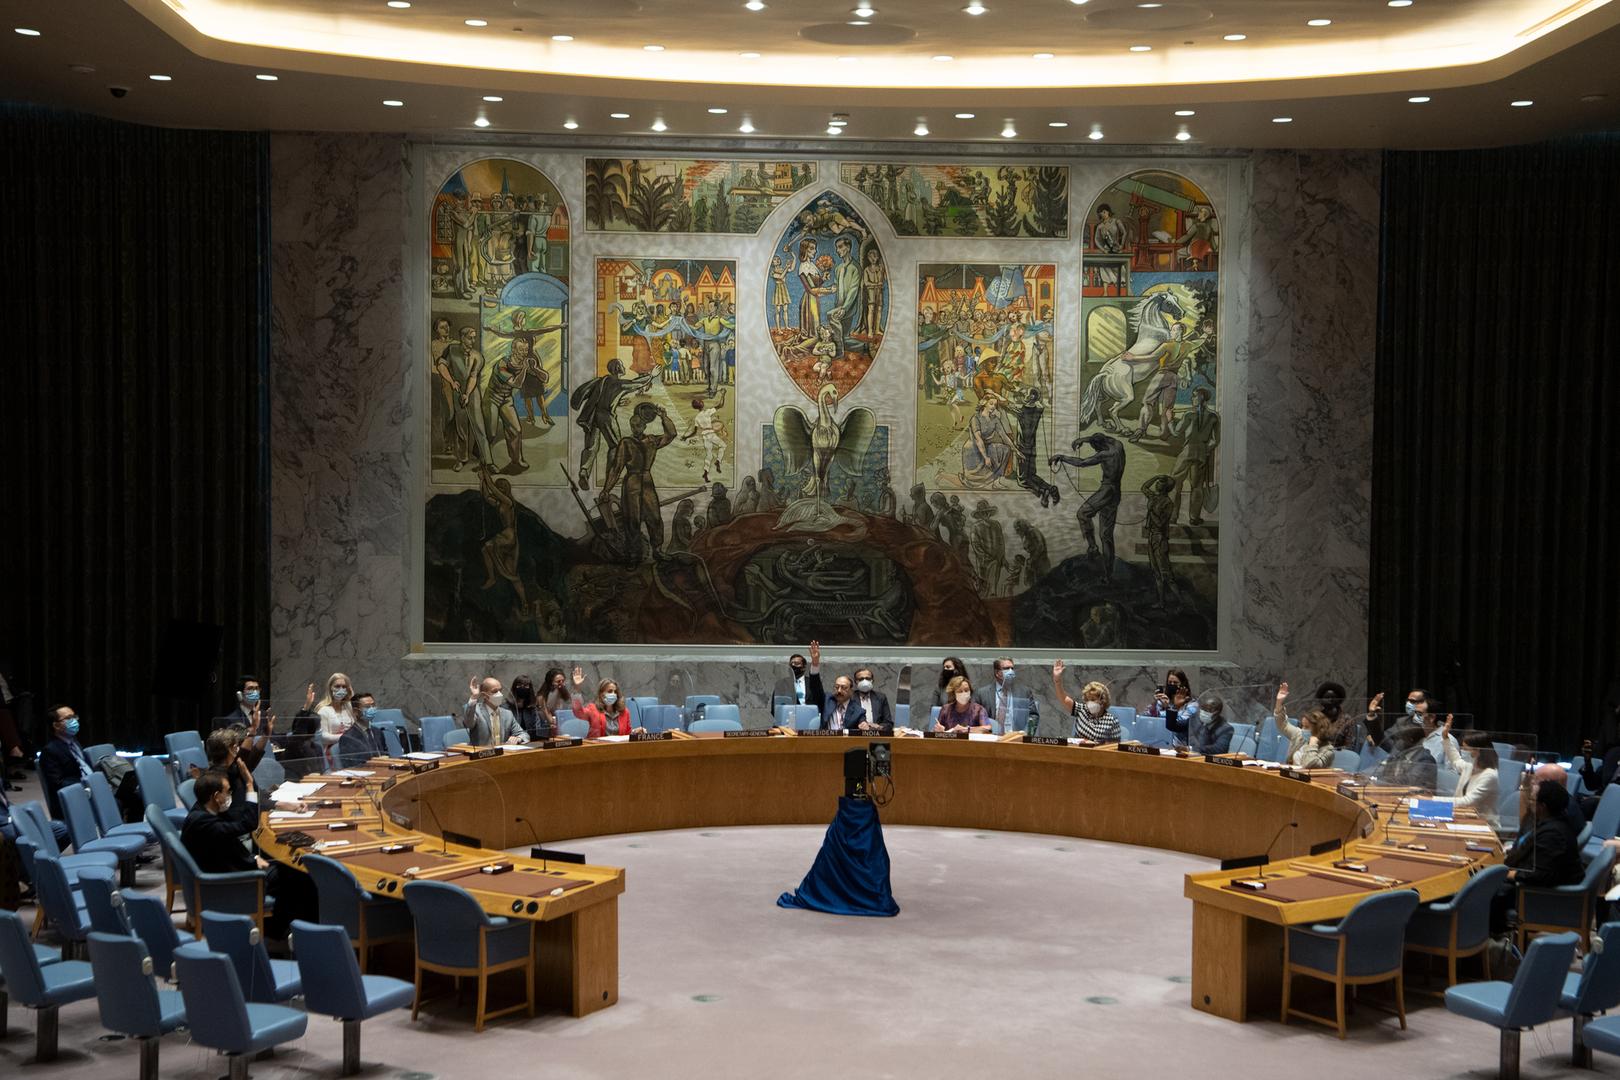 في إجراء تقني.. مجلس الأمن يمدد تفويض البعثة الأممية في ليبيا حتى نهاية سبتمبر